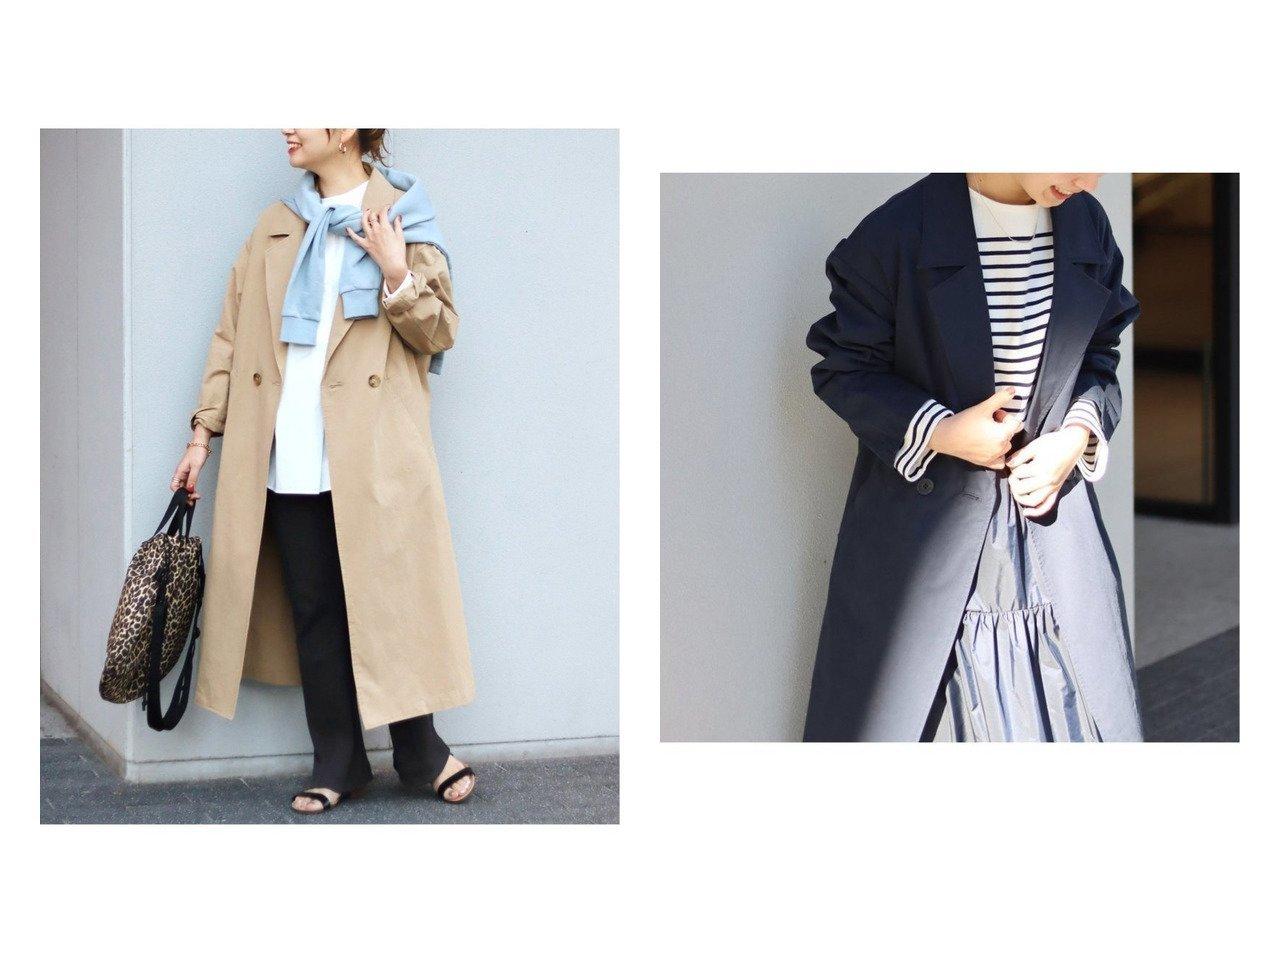 【JOURNAL STANDARD/ジャーナルスタンダード】のコットンツイル ロングコート 【アウター】おすすめ!人気、トレンド・レディースファッションの通販  おすすめで人気の流行・トレンド、ファッションの通販商品 メンズファッション・キッズファッション・インテリア・家具・レディースファッション・服の通販 founy(ファニー) https://founy.com/ ファッション Fashion レディースファッション WOMEN アウター Coat Outerwear コート Coats ジャケット Jackets ショルダー ジャケット ダブル ツイル ドロップ ロング 2021年 2021 S/S・春夏 SS・Spring/Summer 2021春夏・S/S SS/Spring/Summer/2021 |ID:crp329100000025889